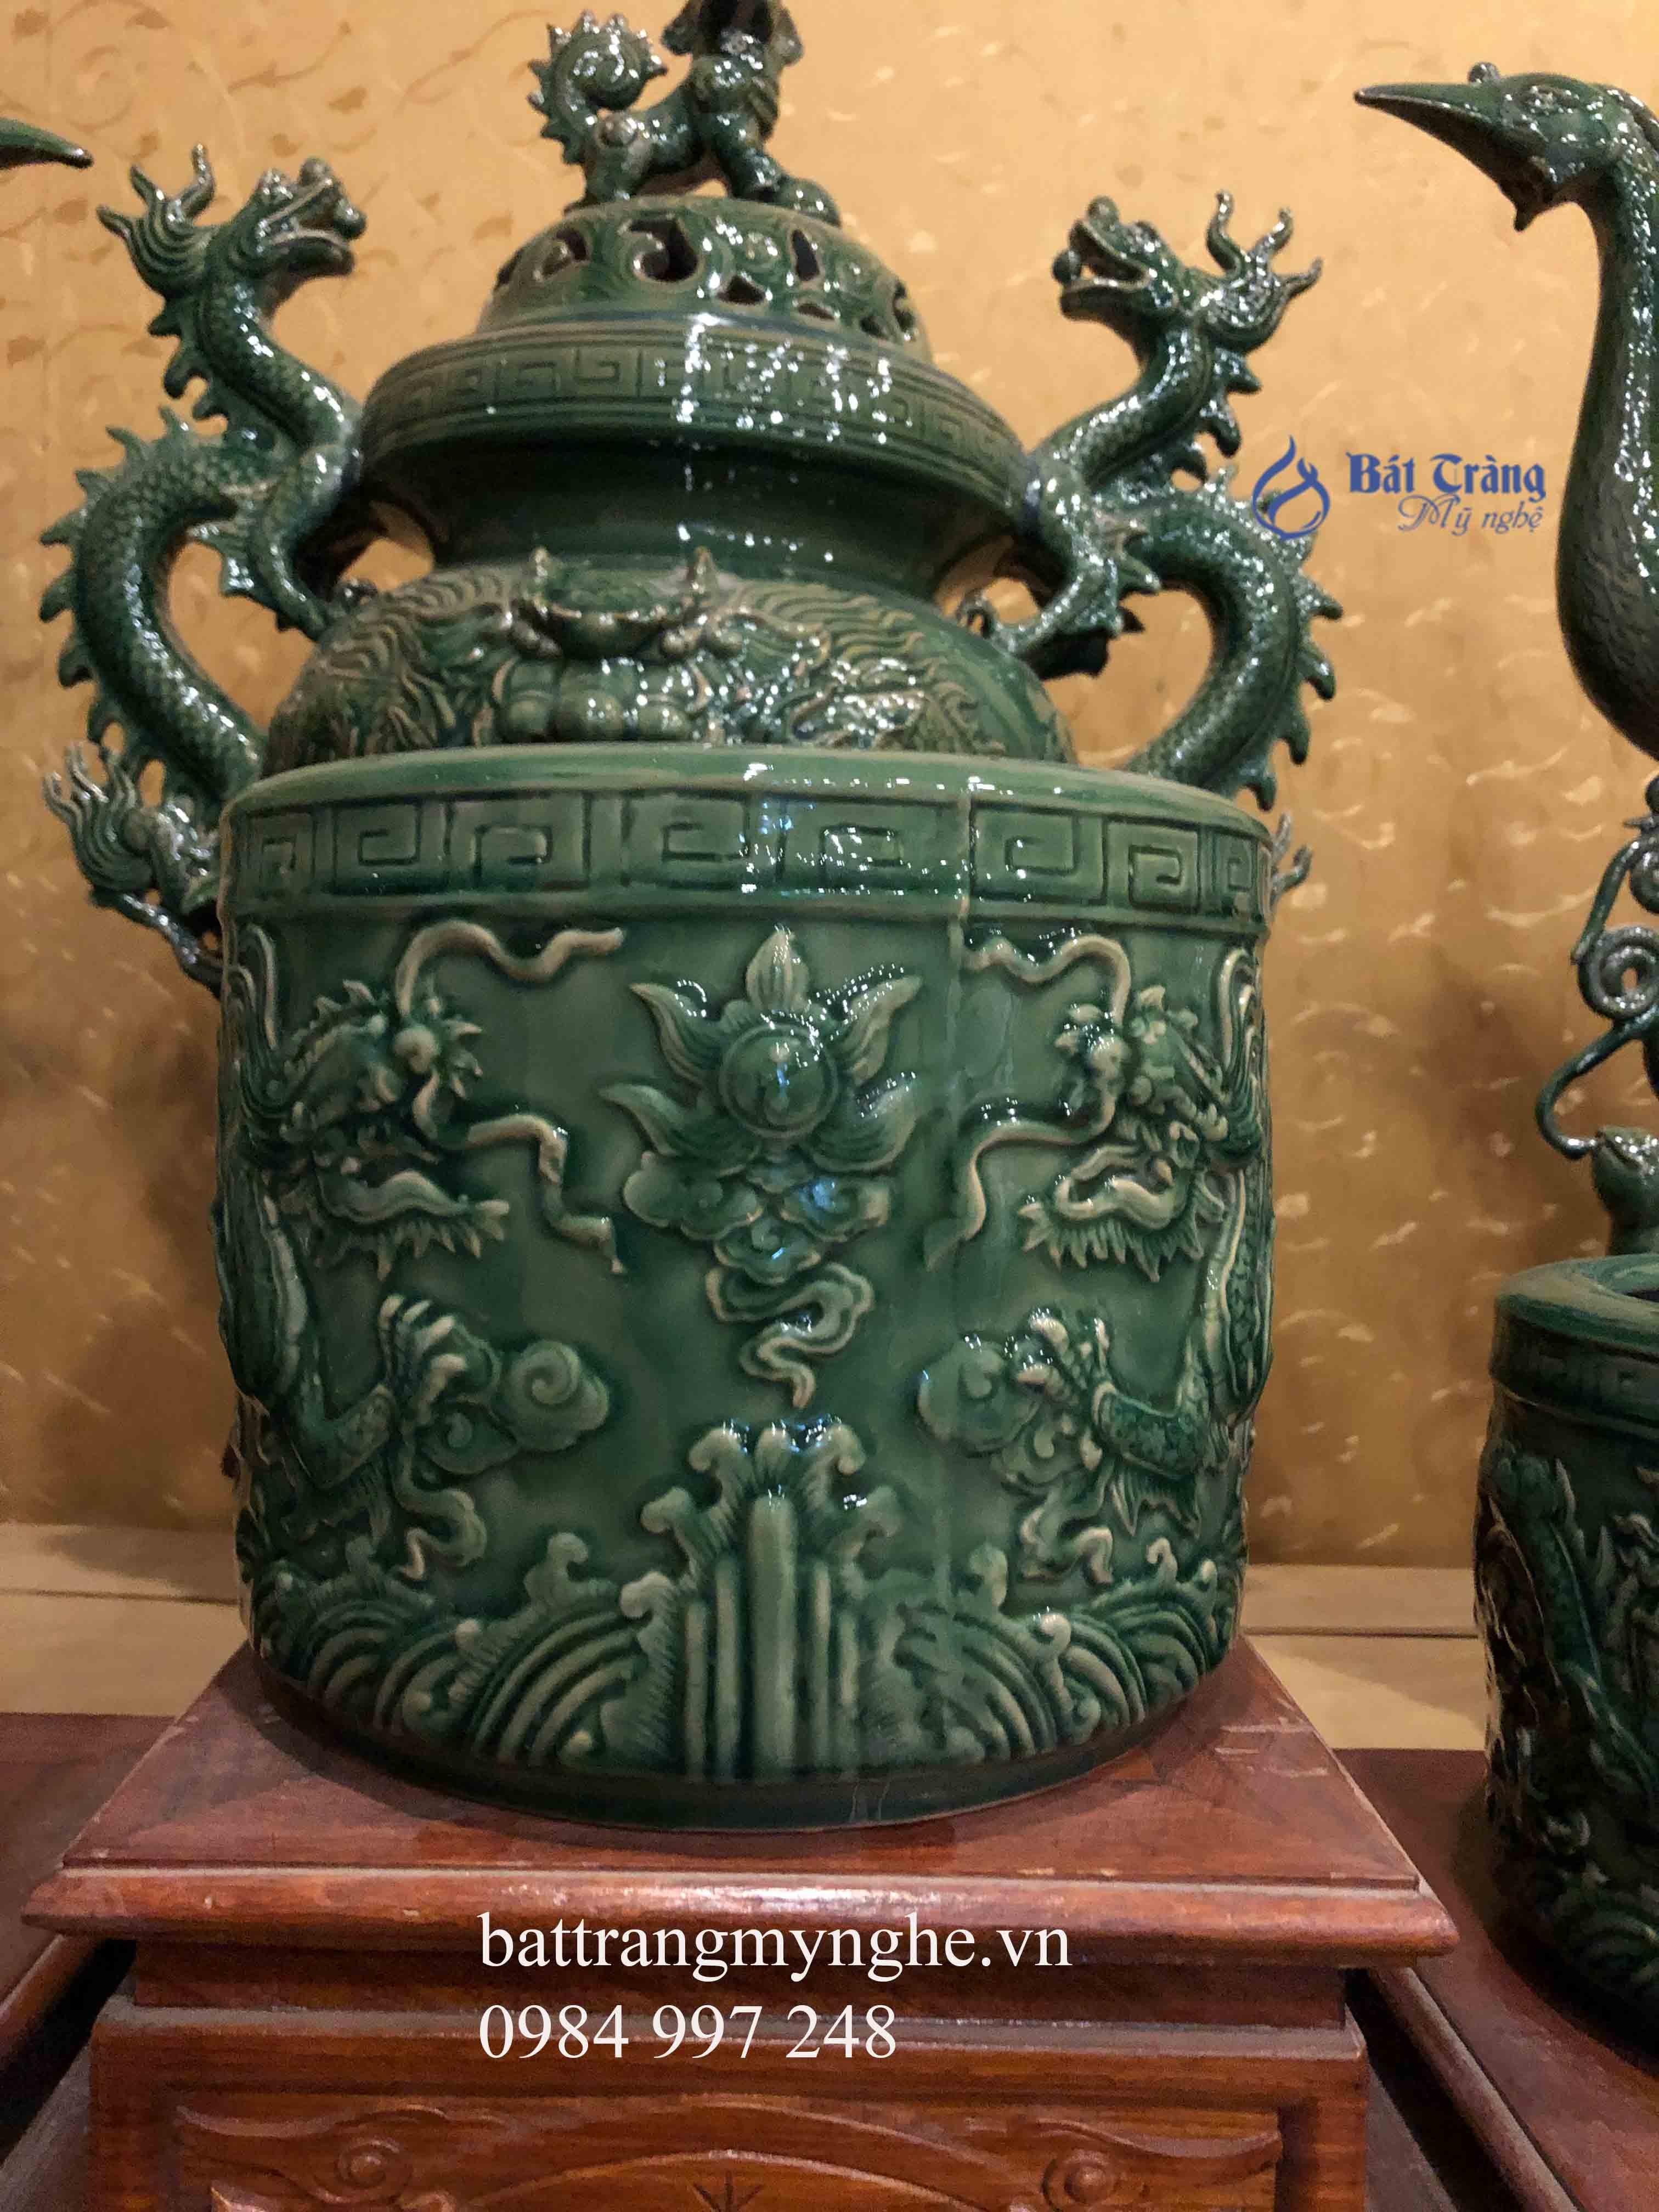 Bộ đồ thờ men xanh đắp nổi cao cấp (không bao gồm đỉnh hạc)